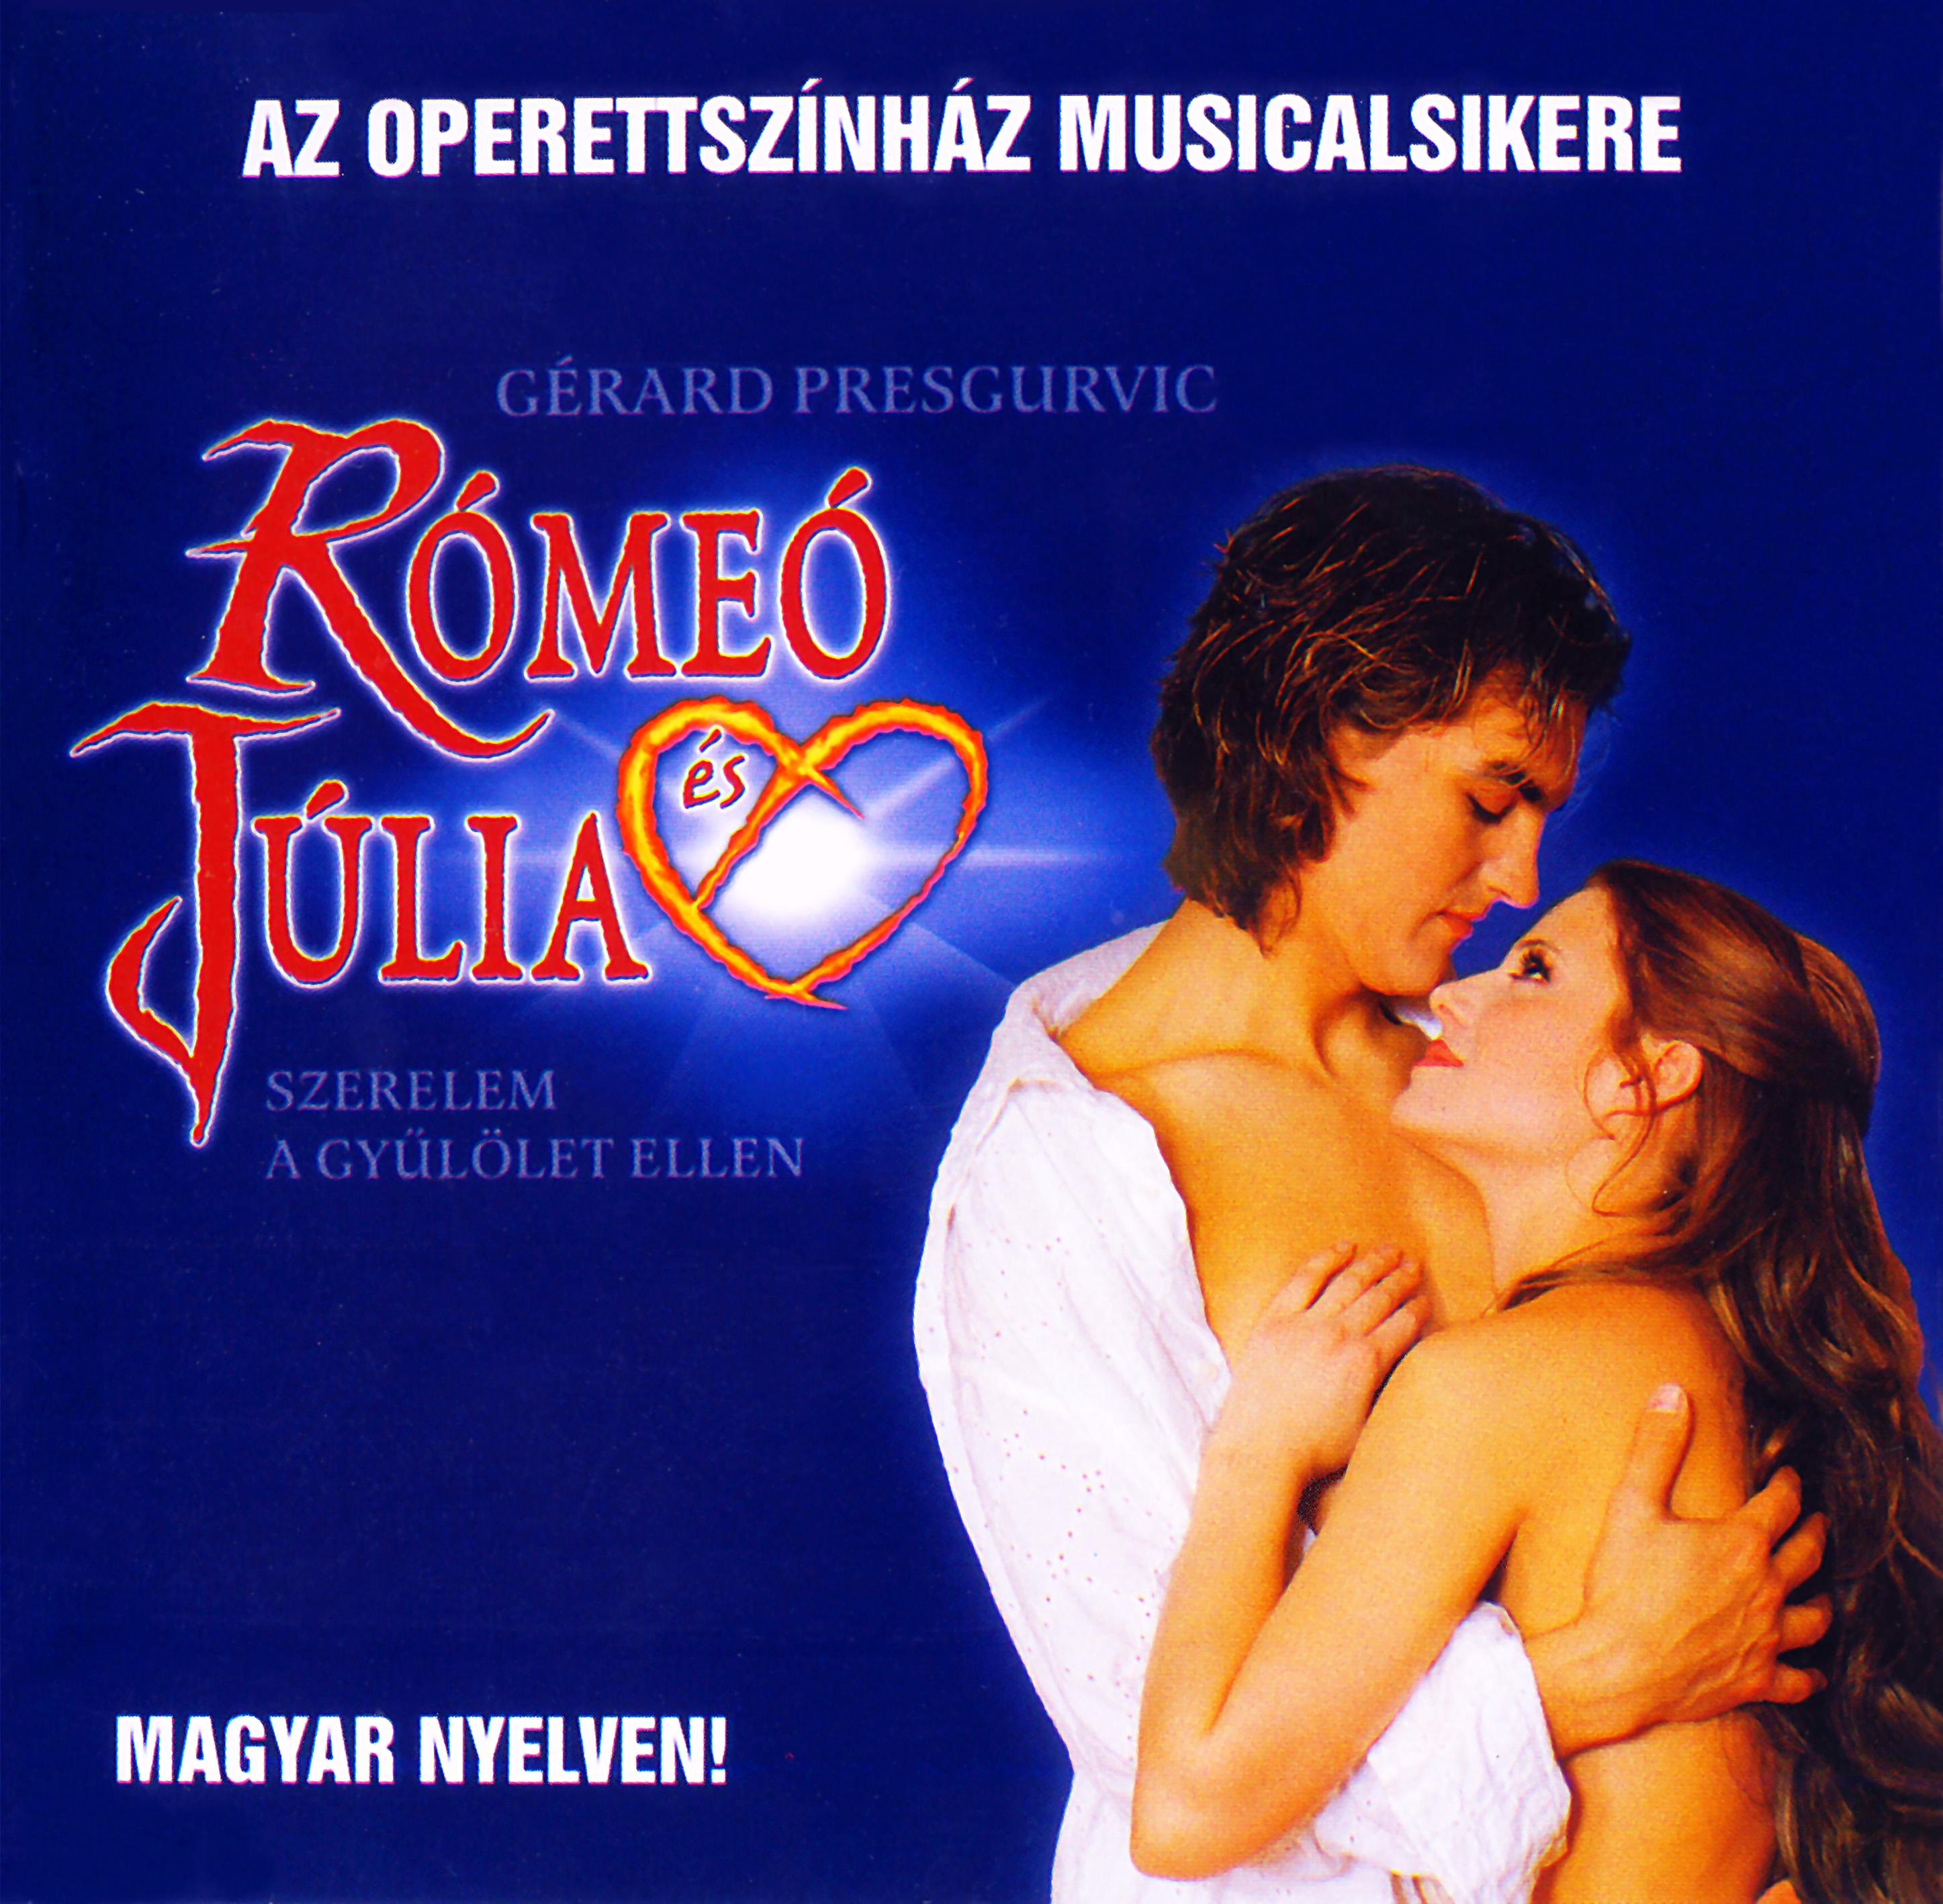 Rómeó & Júlia Musical CD